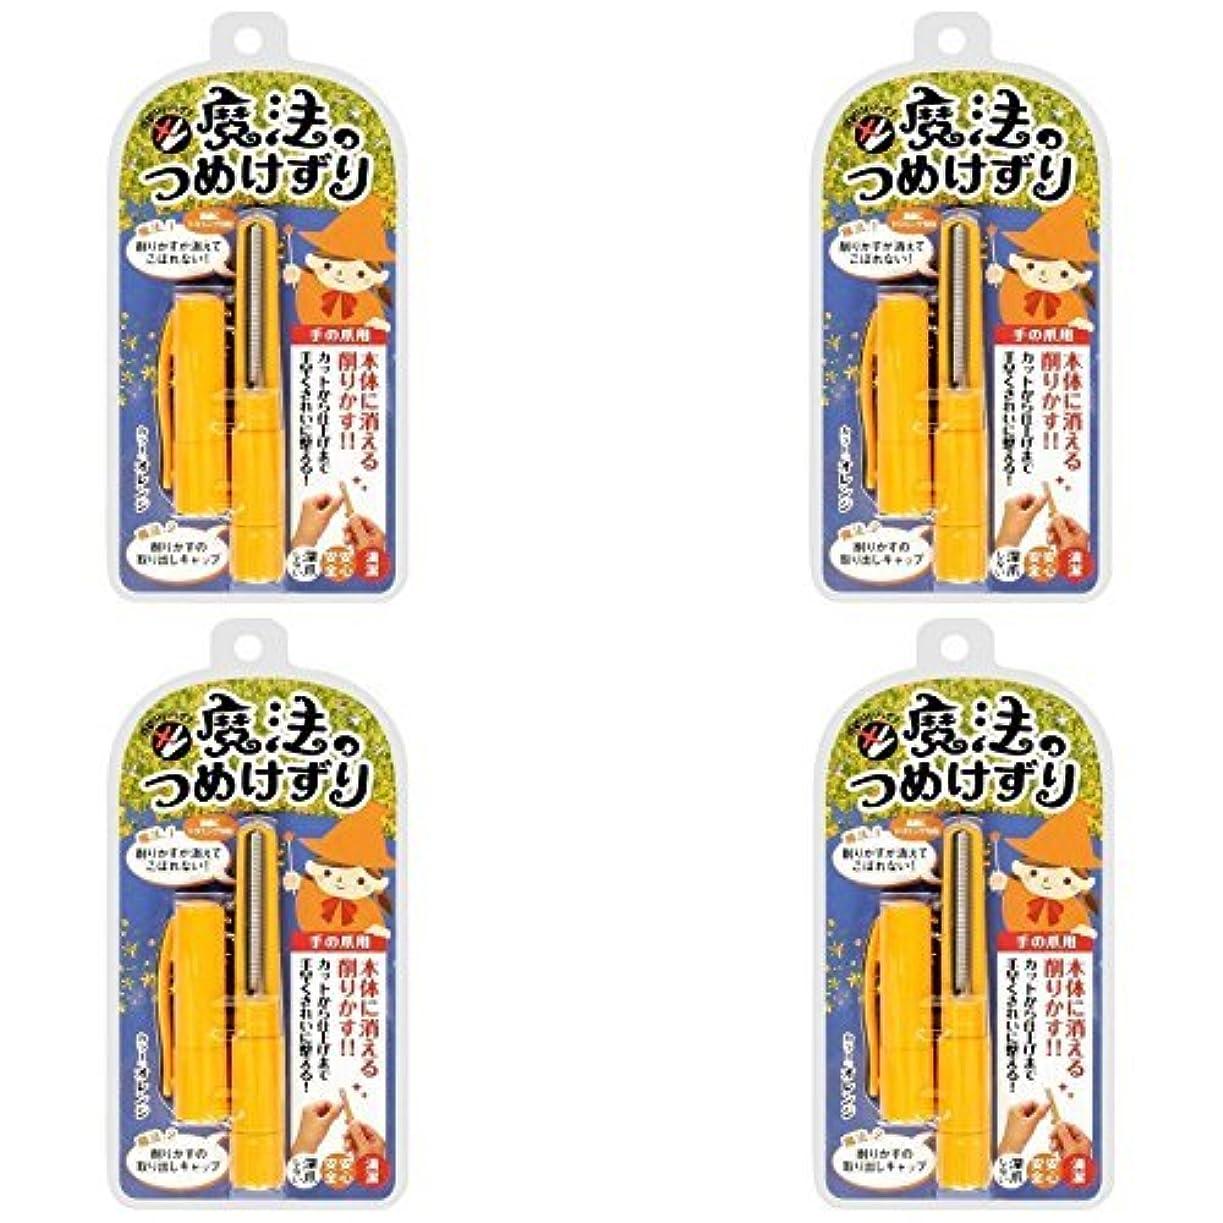 宅配便宅配便あなたのもの【セット品】松本金型 魔法のつめけずり MM-090 オレンジ ×4個